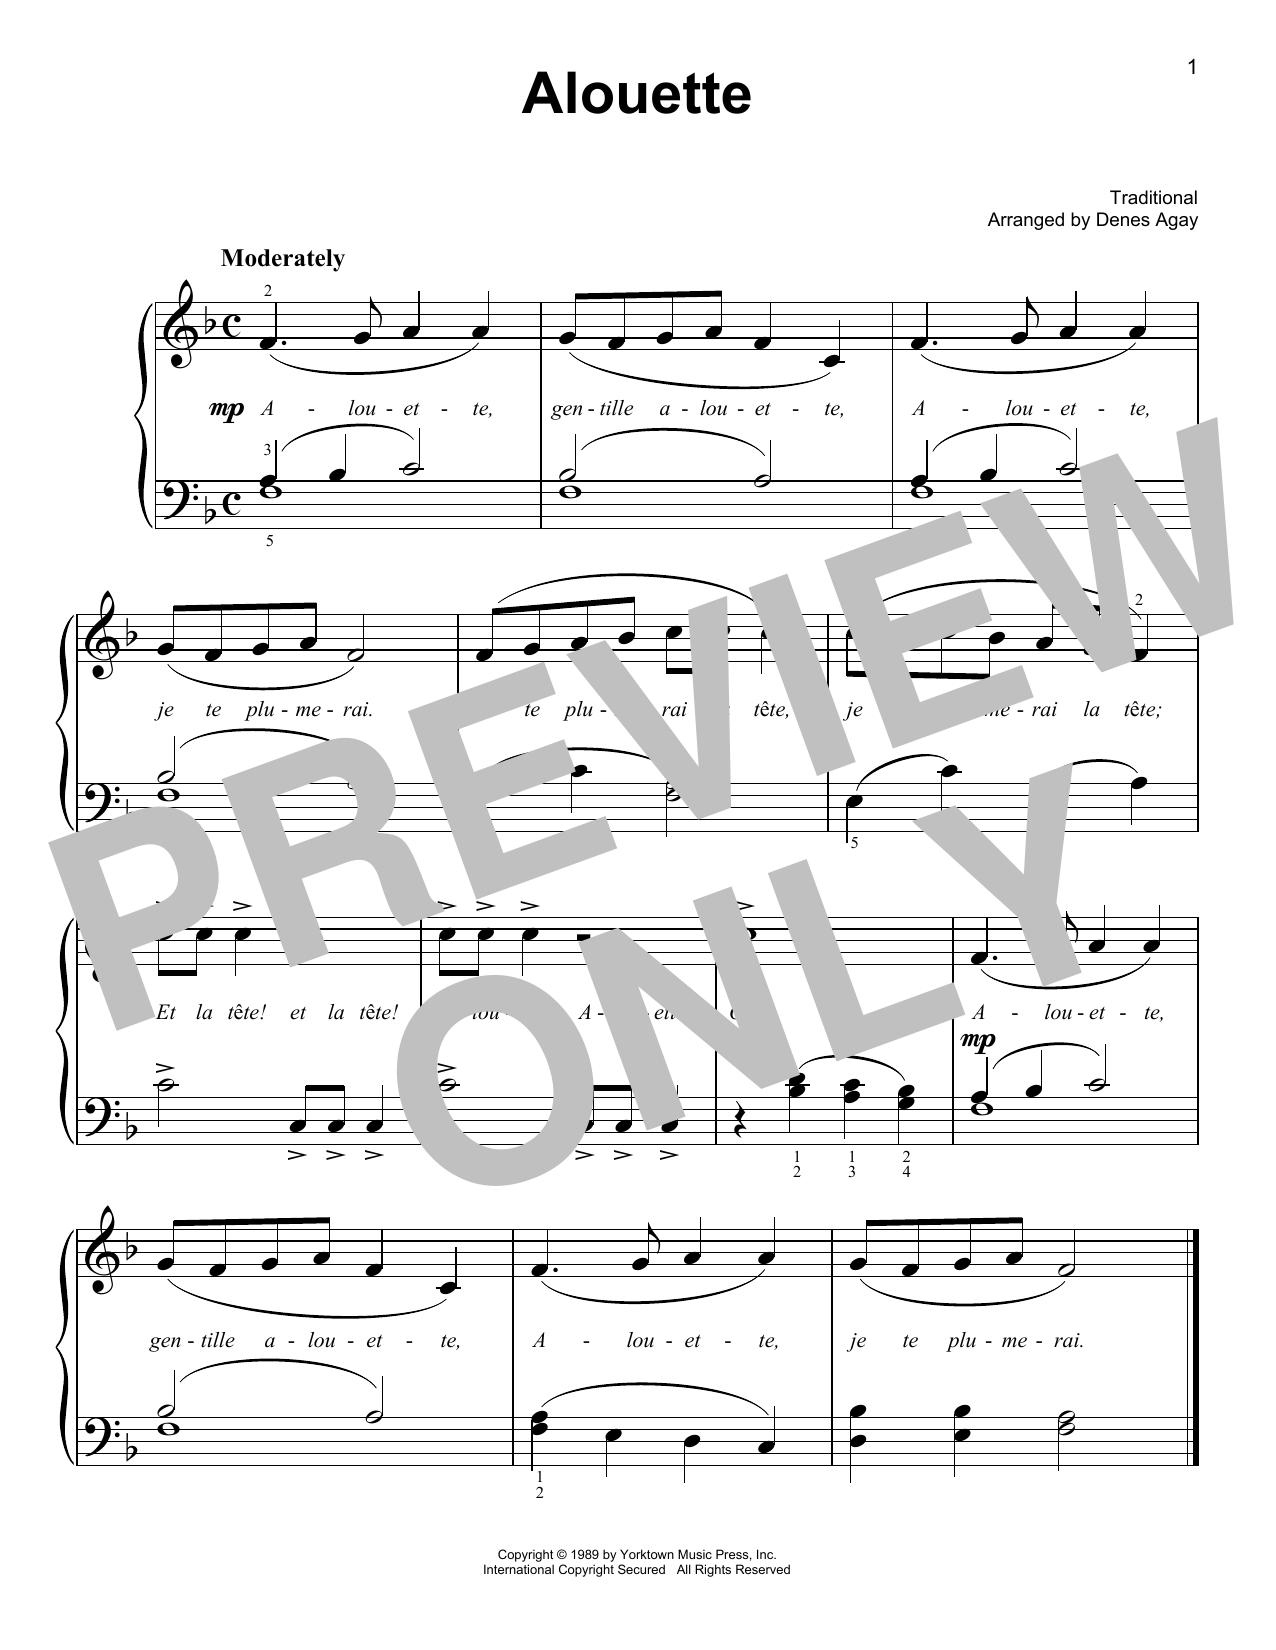 Alouette (arr. Denes Agay) (Easy Piano)